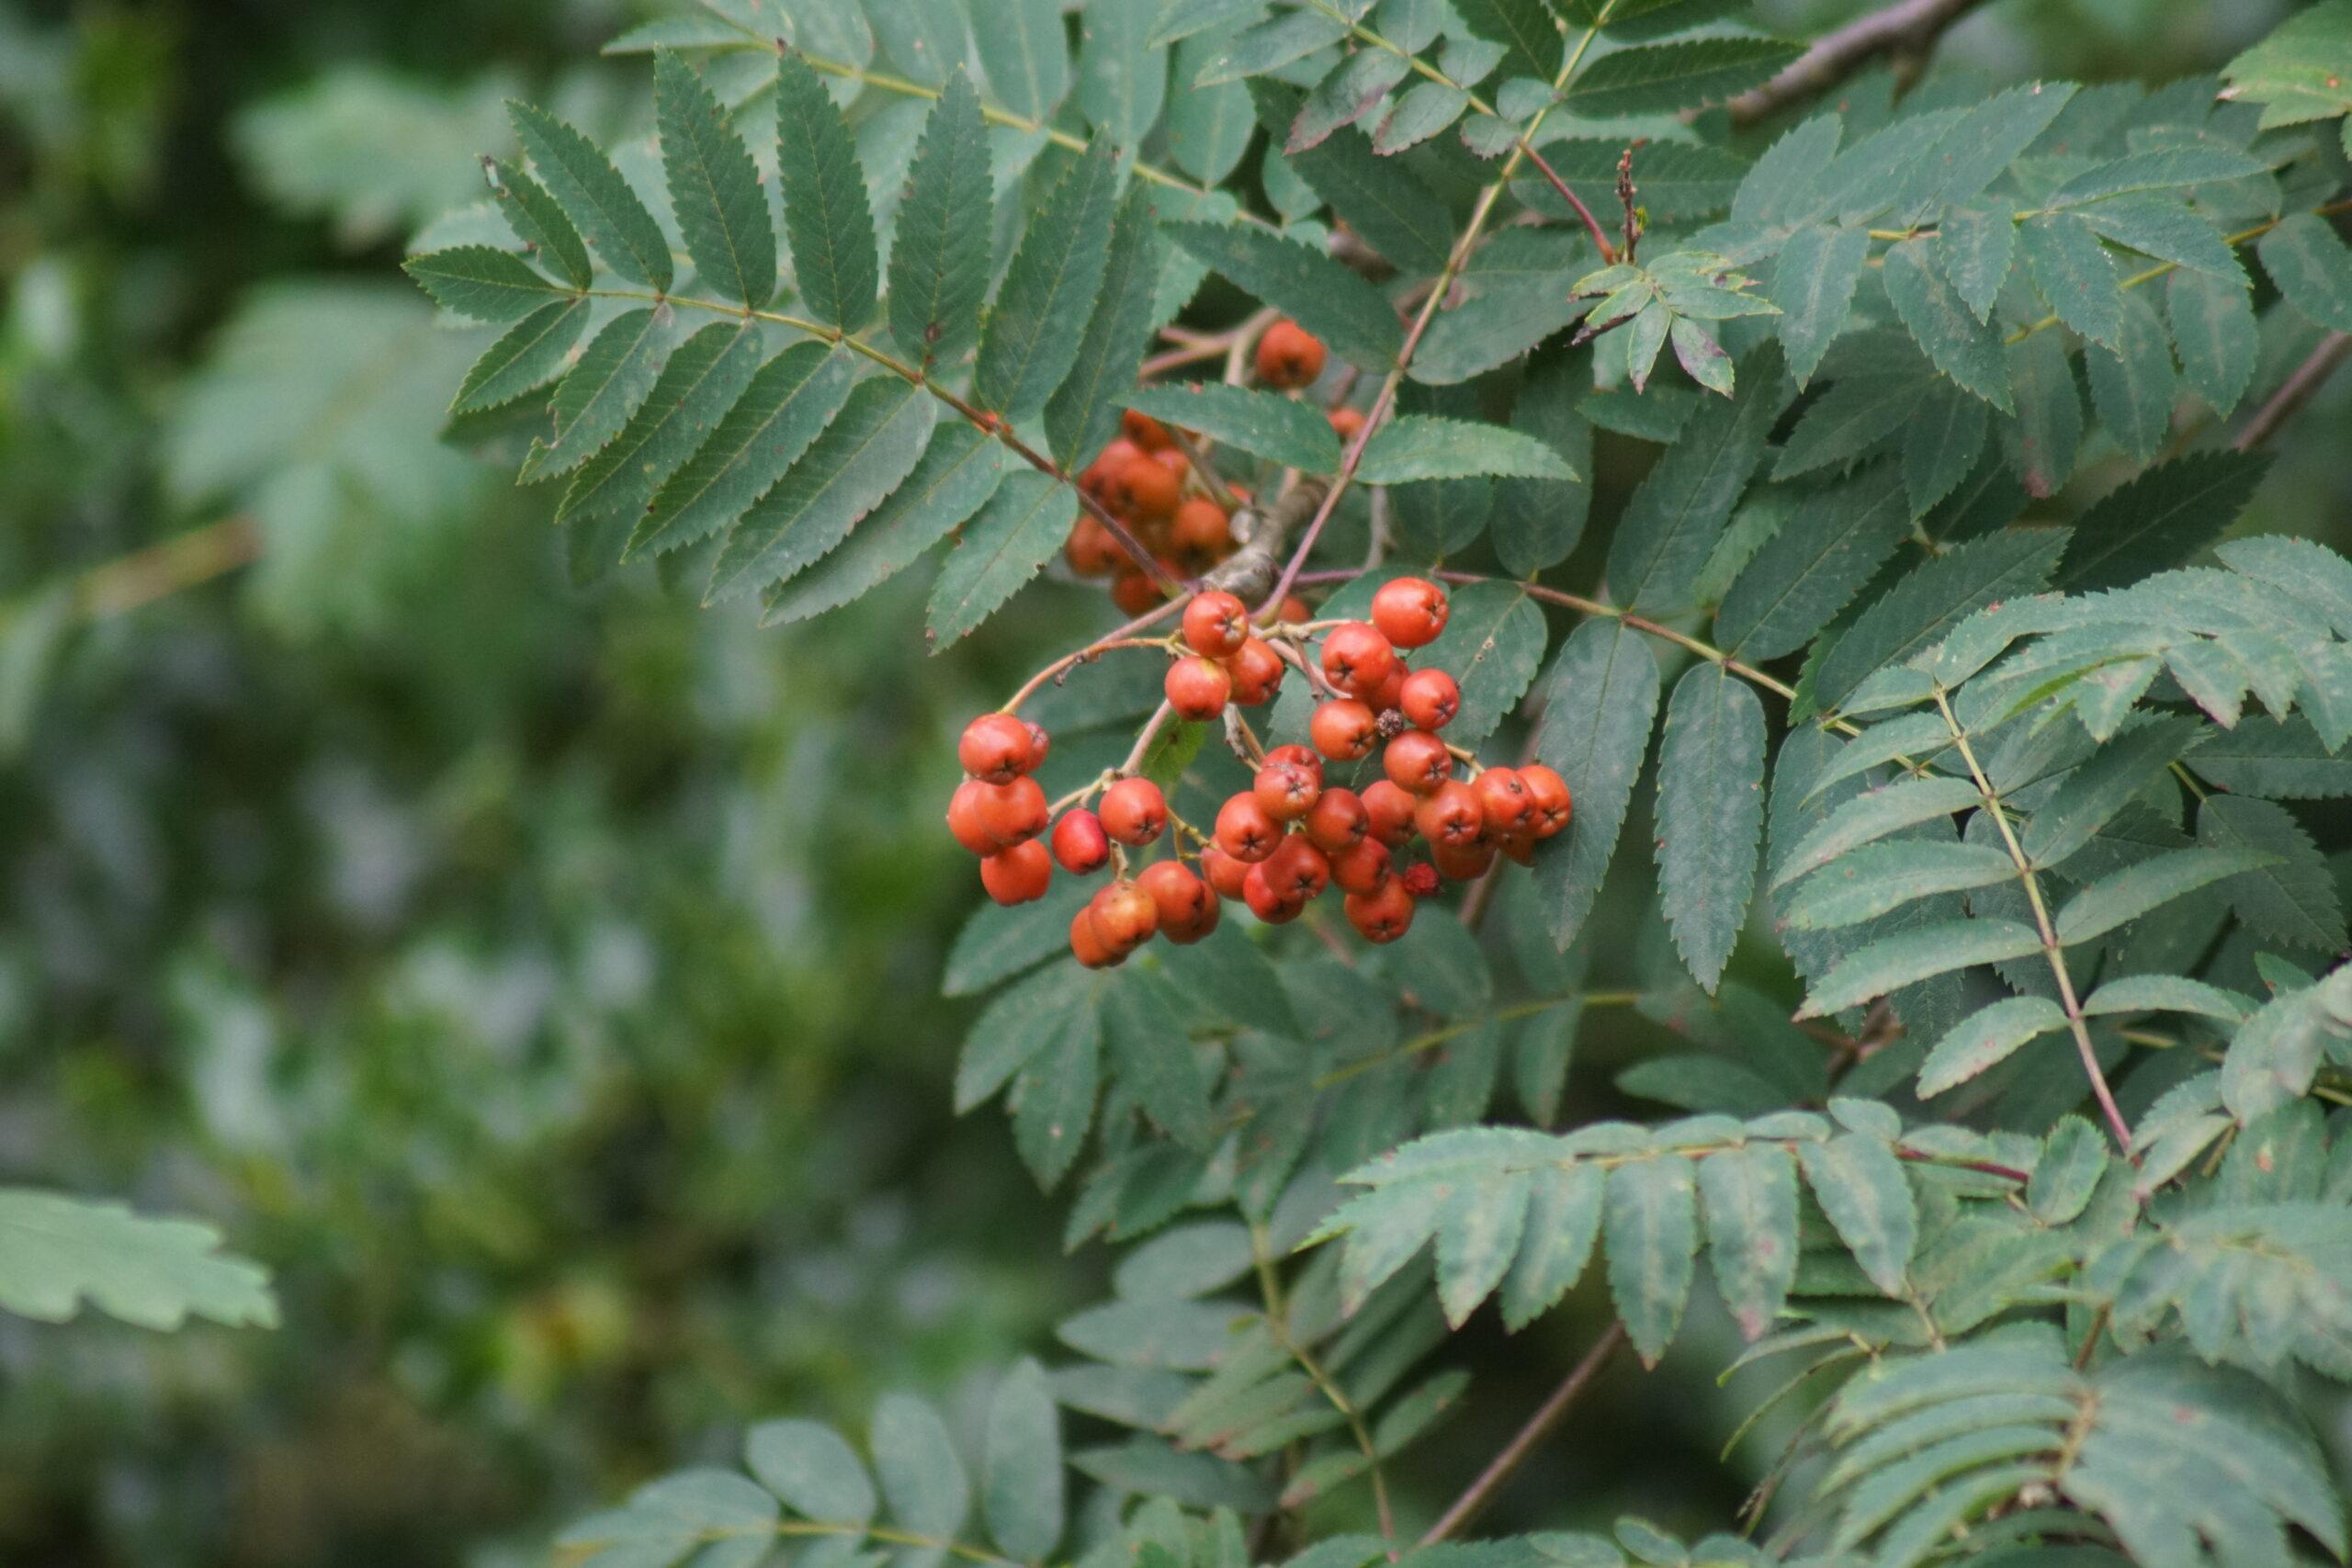 Berries on Rowan tree - July